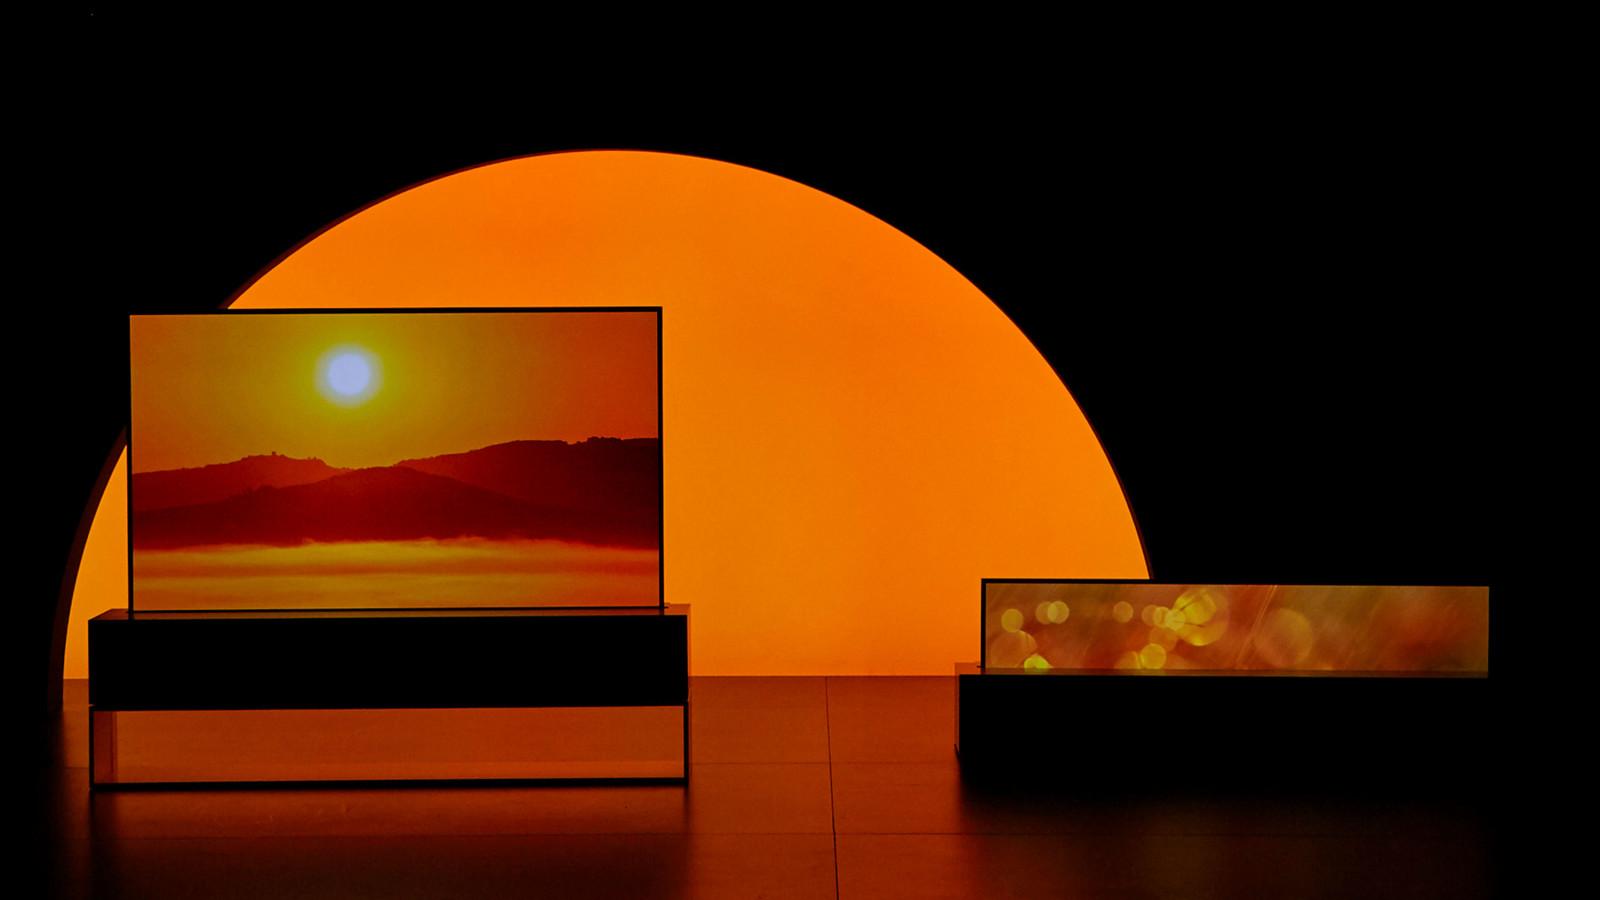 Der LG Signature OLED TV R kann sich einrollen